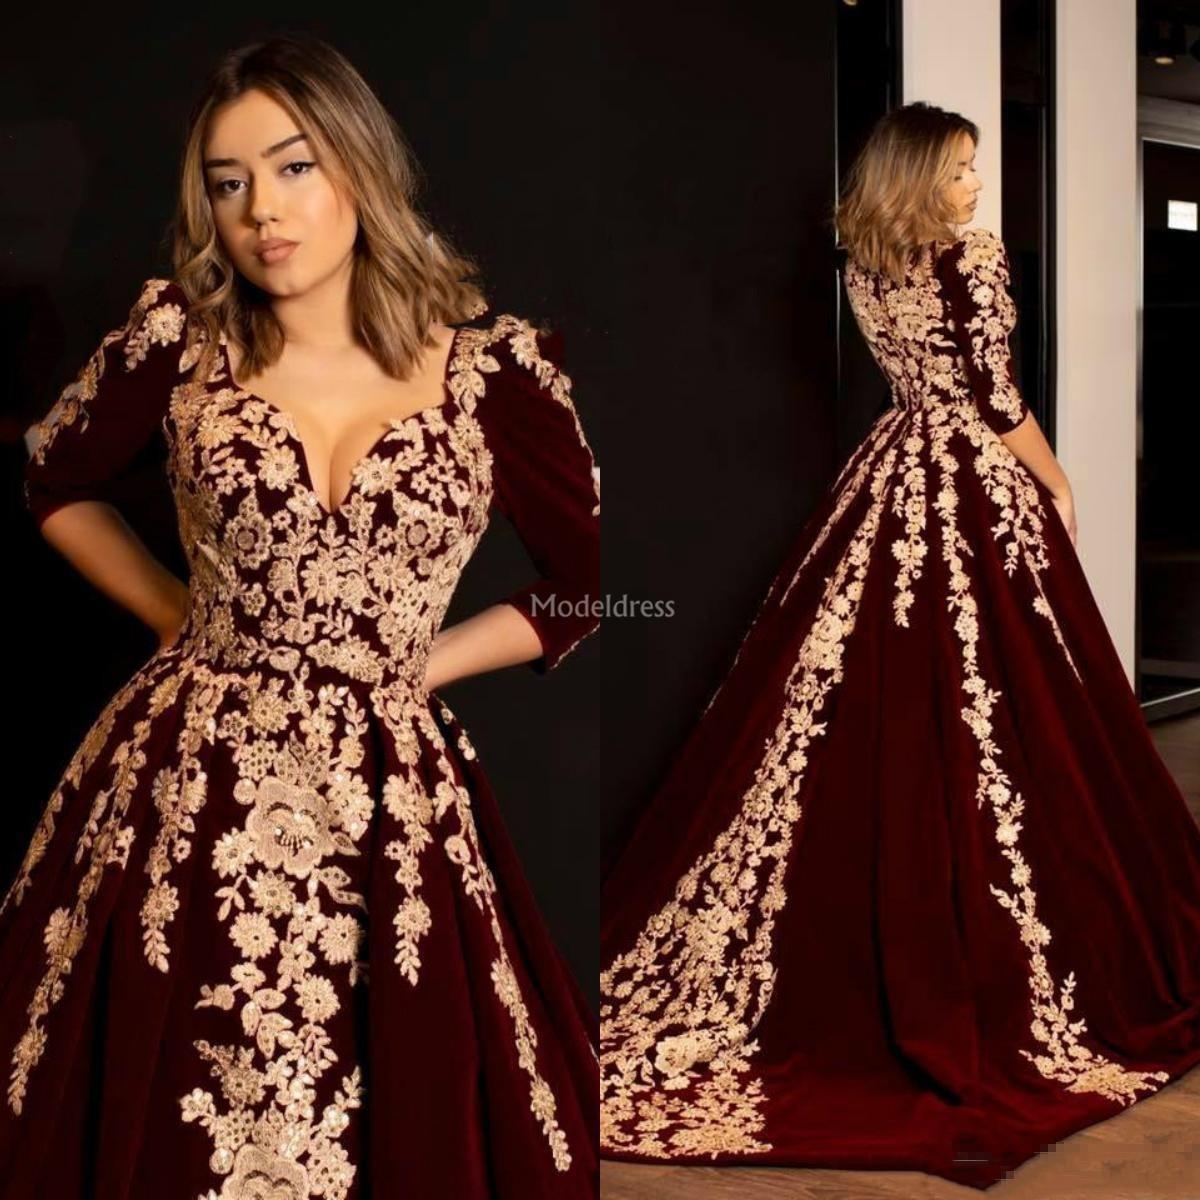 Rabatt Elegante Schicke Abendkleider  17 Elegante Schicke